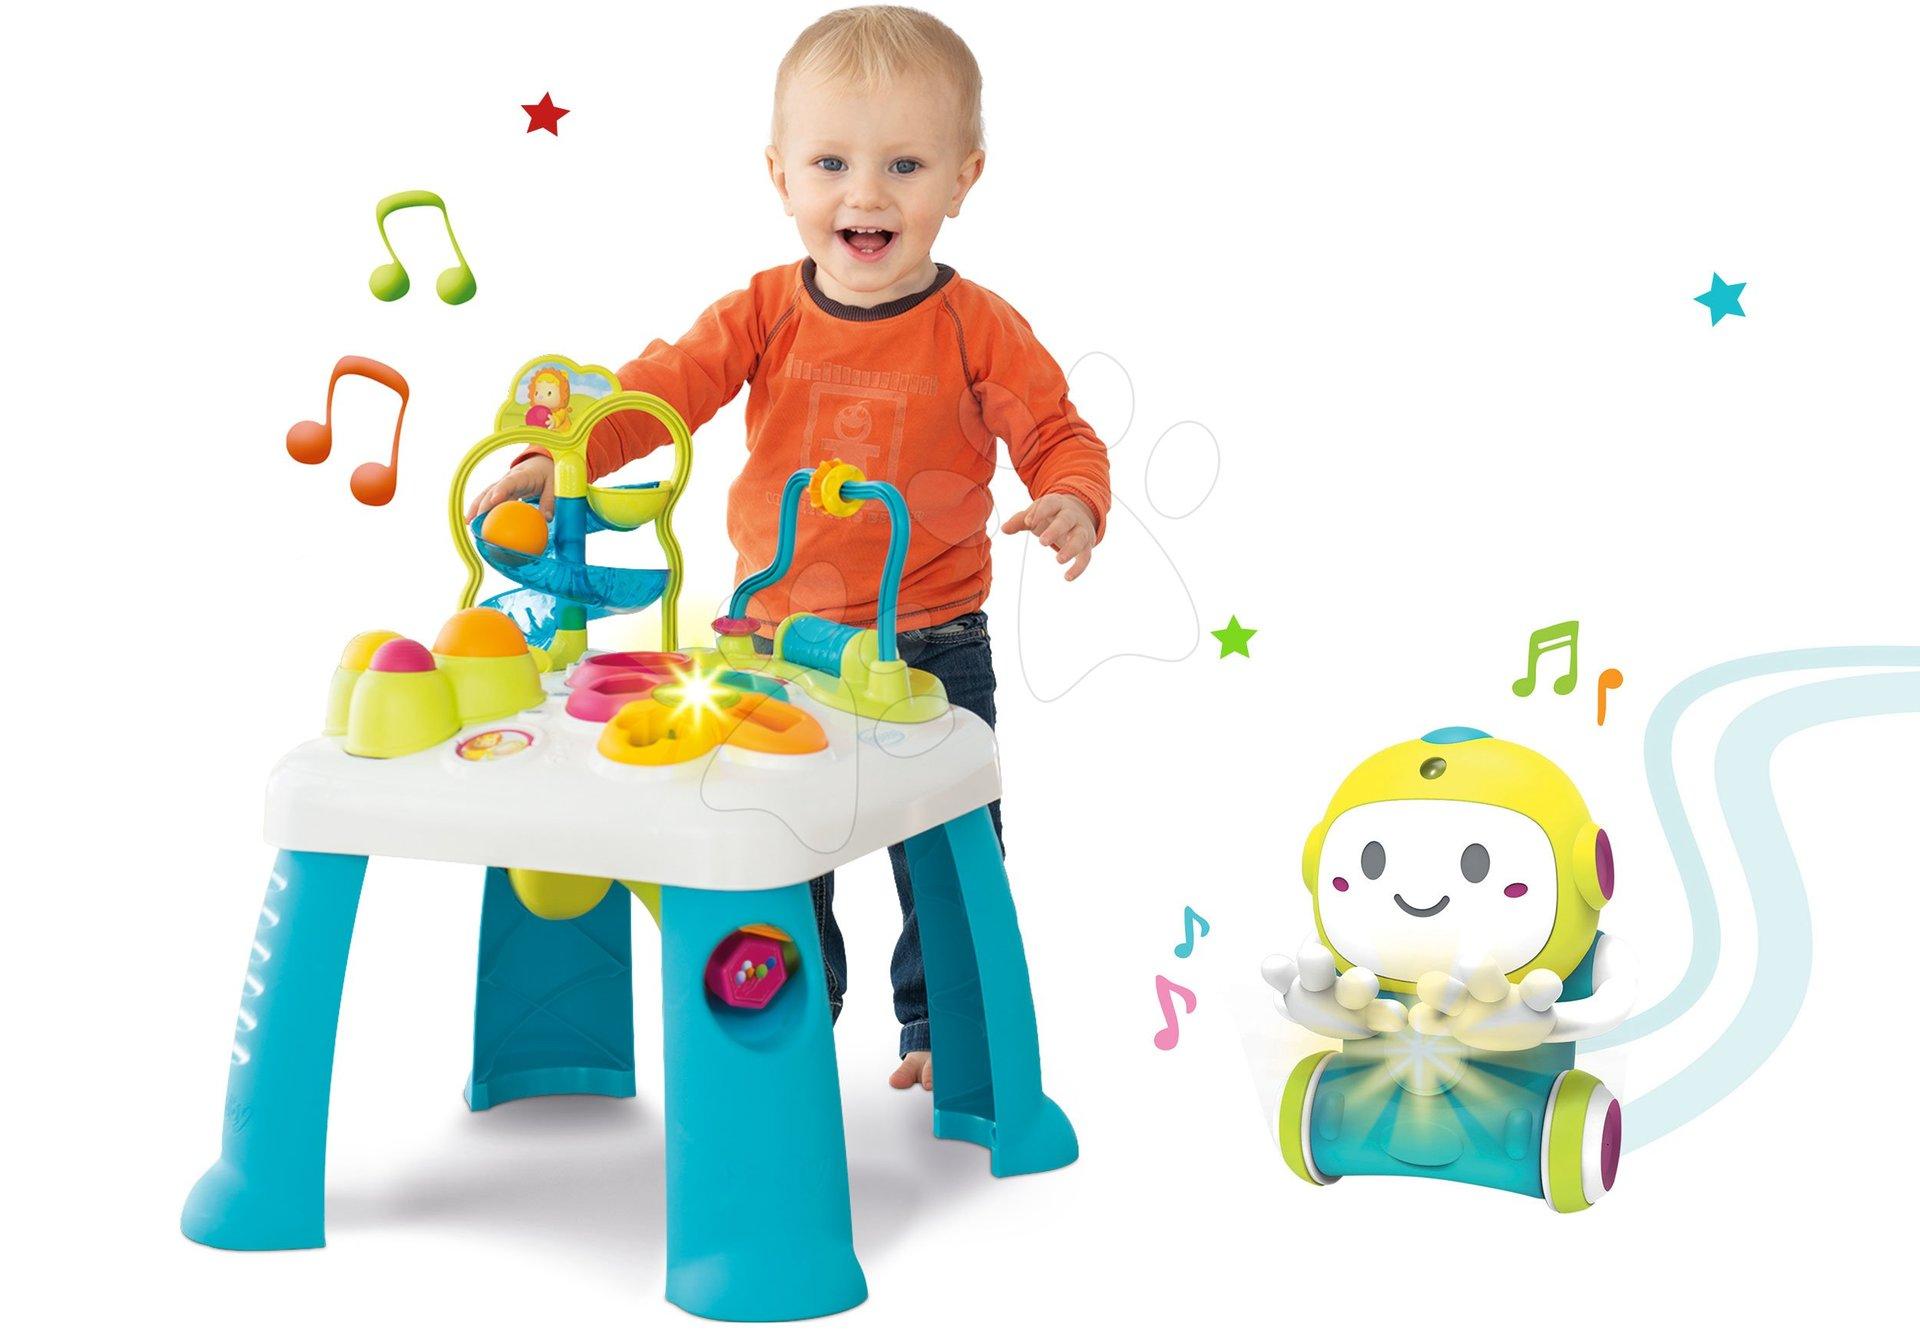 Set măsuță de jucărie didactică Activity Table Cotoons Smoby cu sunet lumină și robot interactiv 1,2,3 Smart cu senzor de mișcare și 2 jucării educative